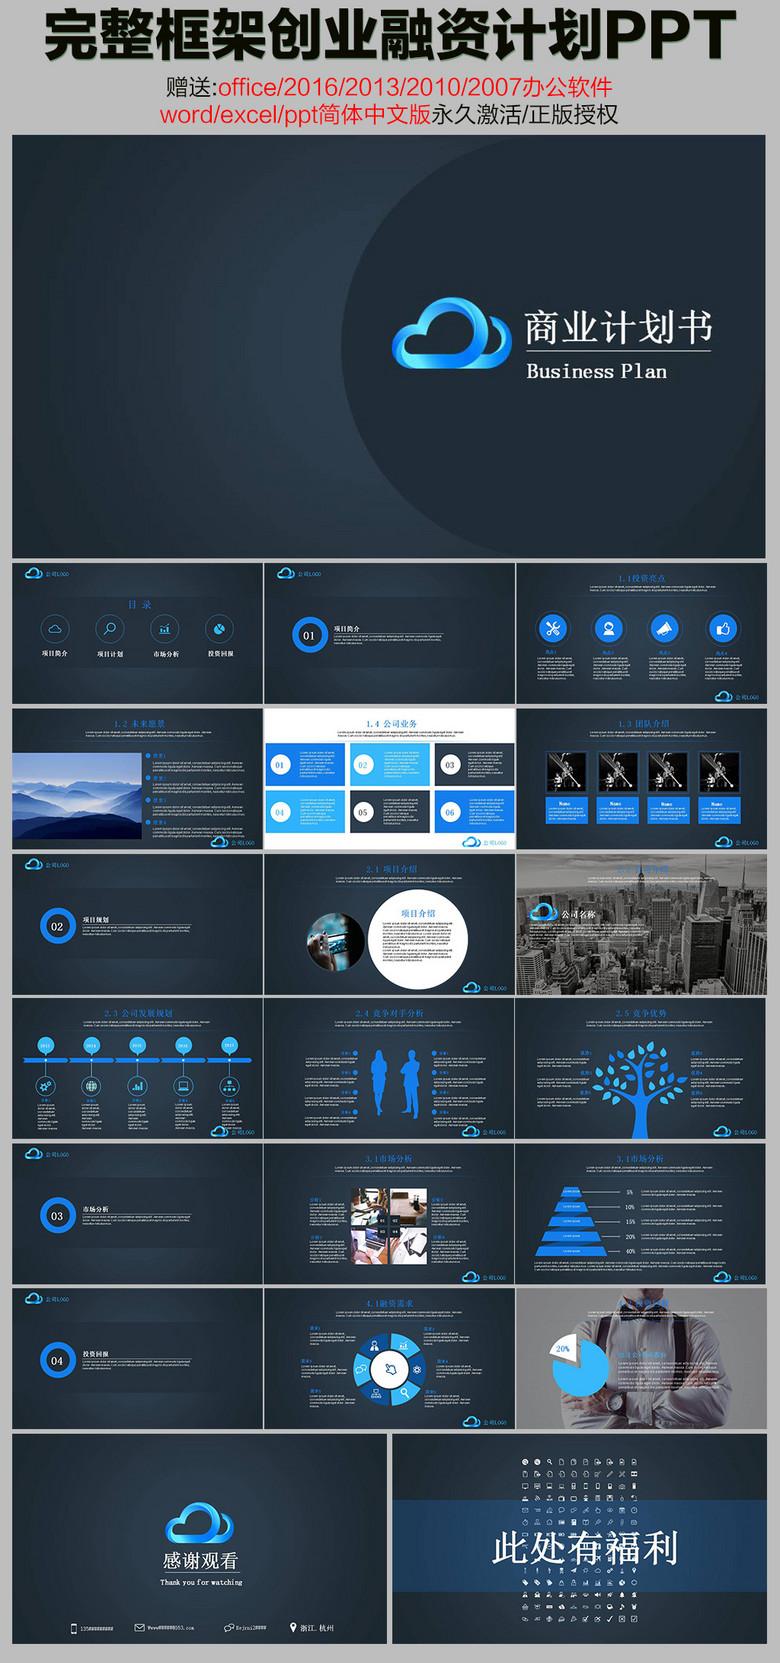 商业创业计划科技ppt完整创业框架ppt